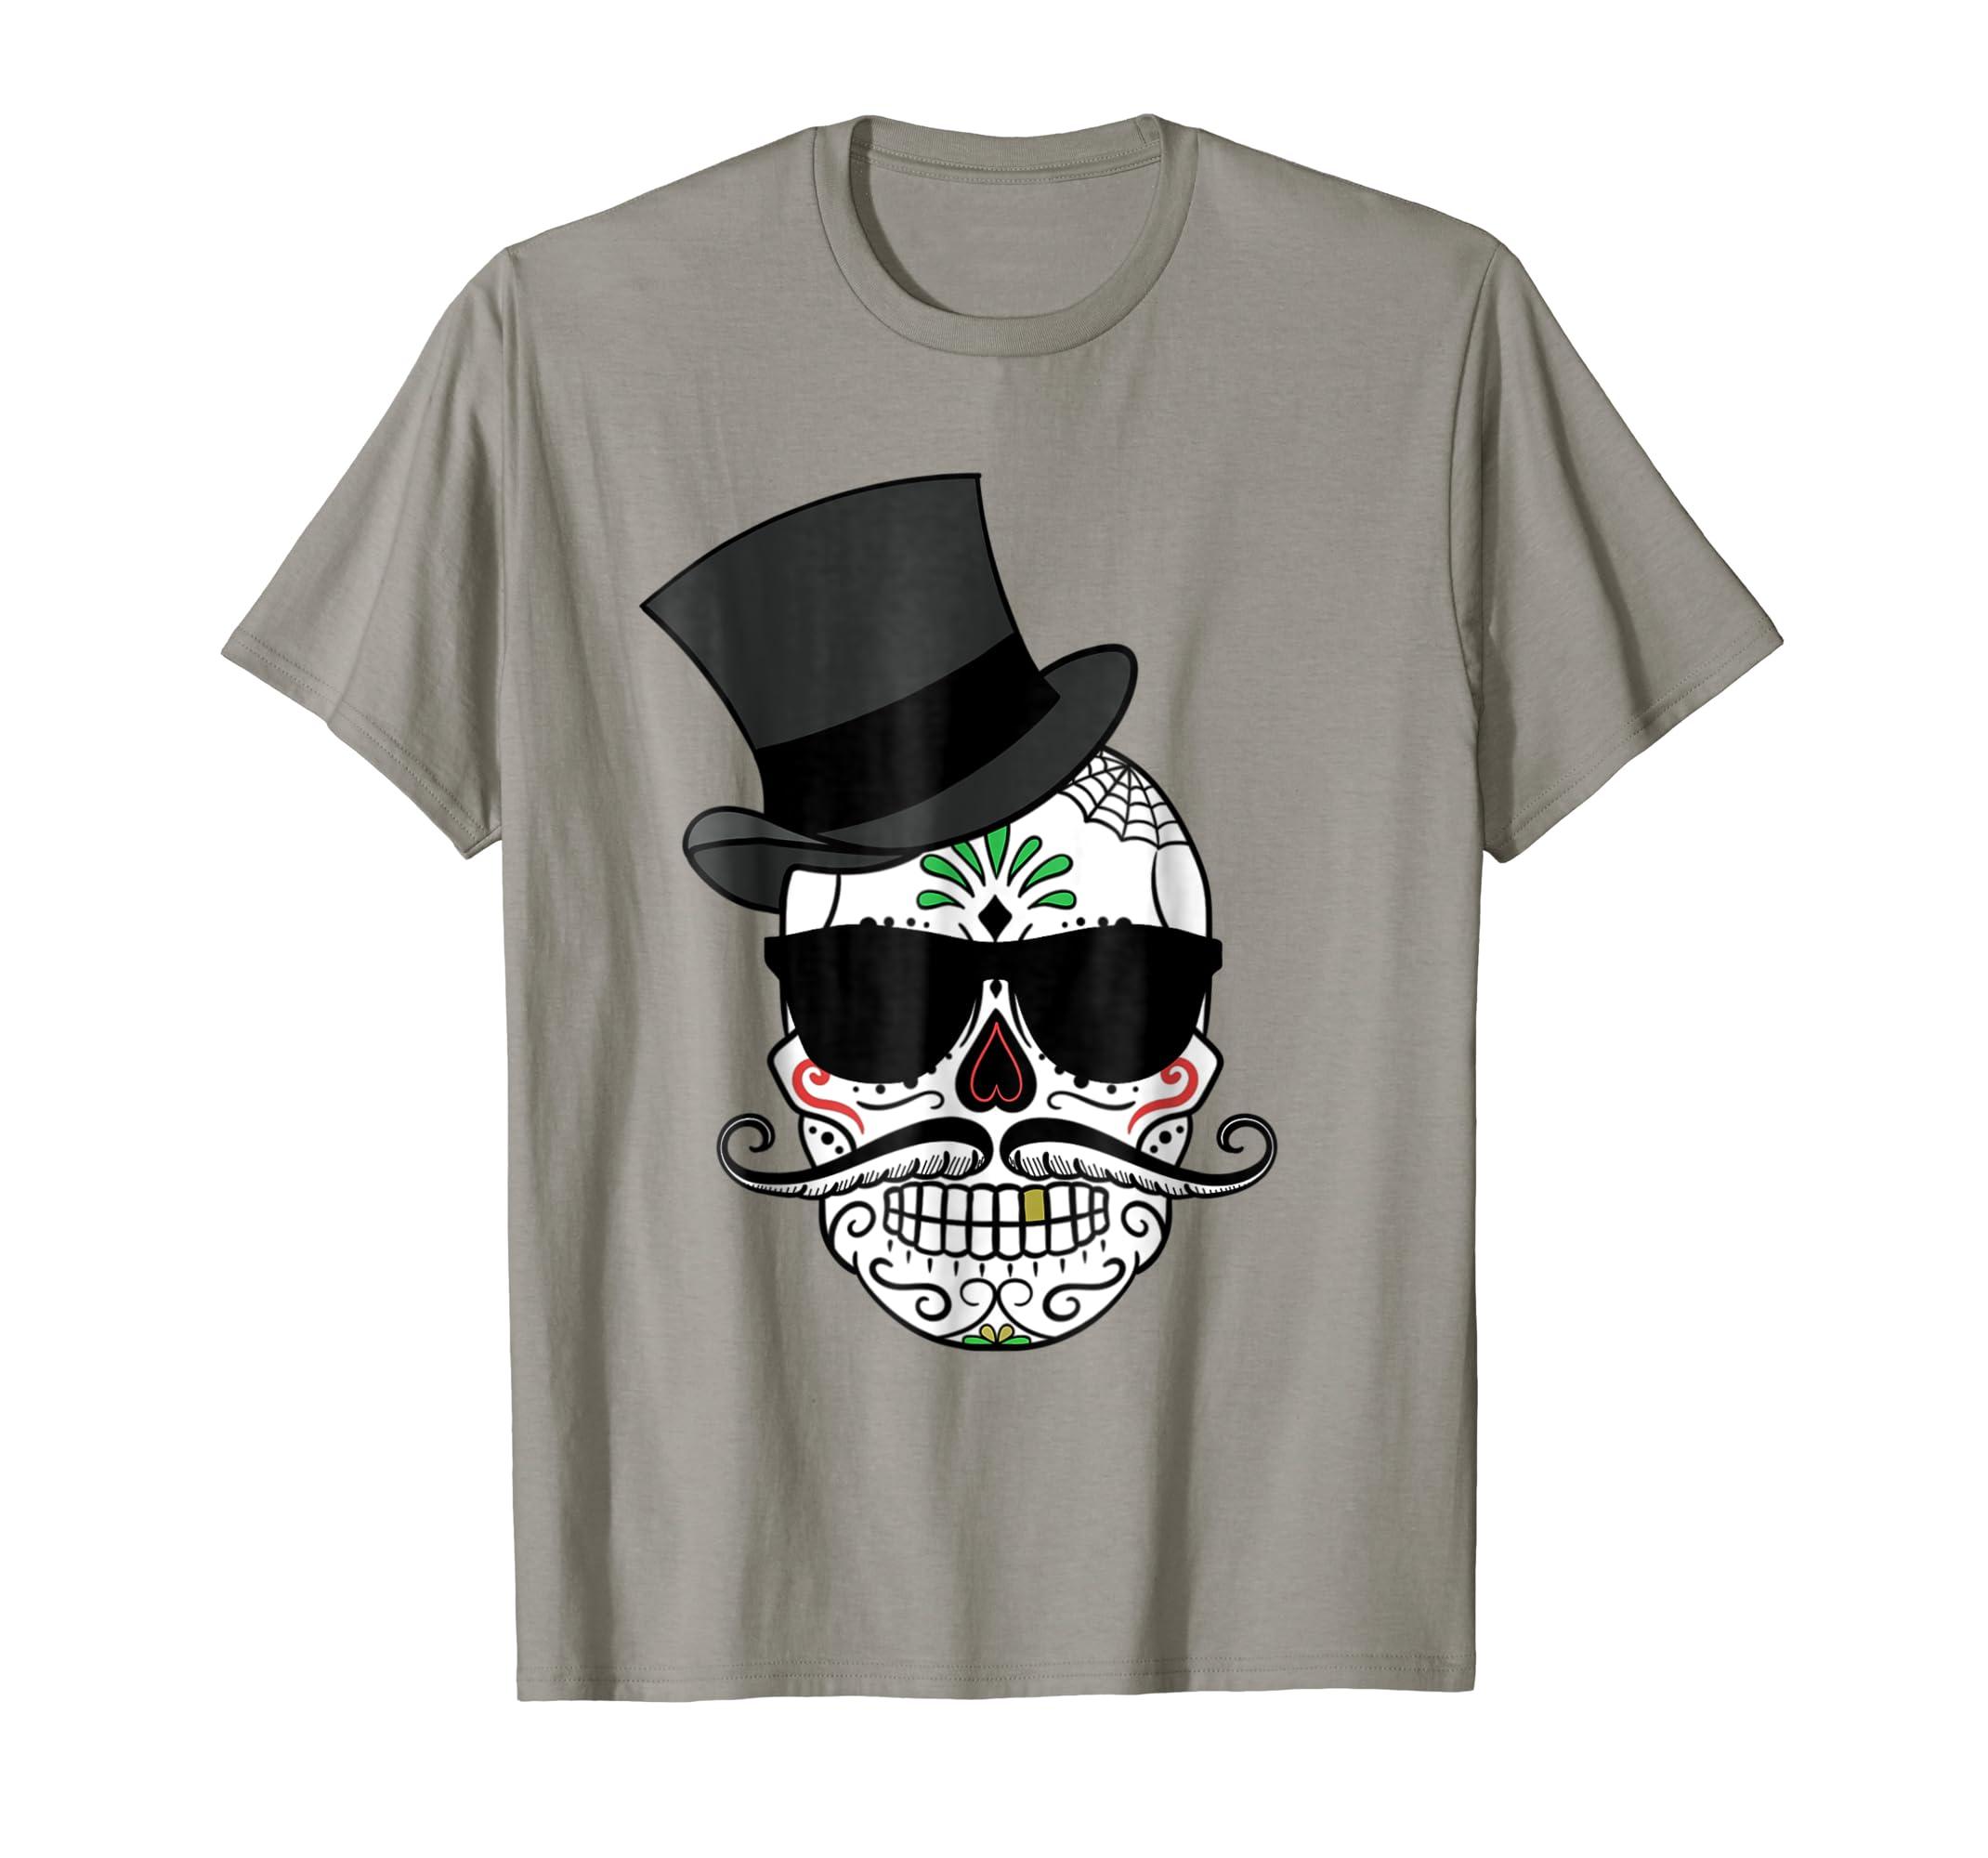 ec52626d Amazon.com: Mexican Top Hat Day Of Dead Sunglasses Sugar Skull T Shirt:  Clothing